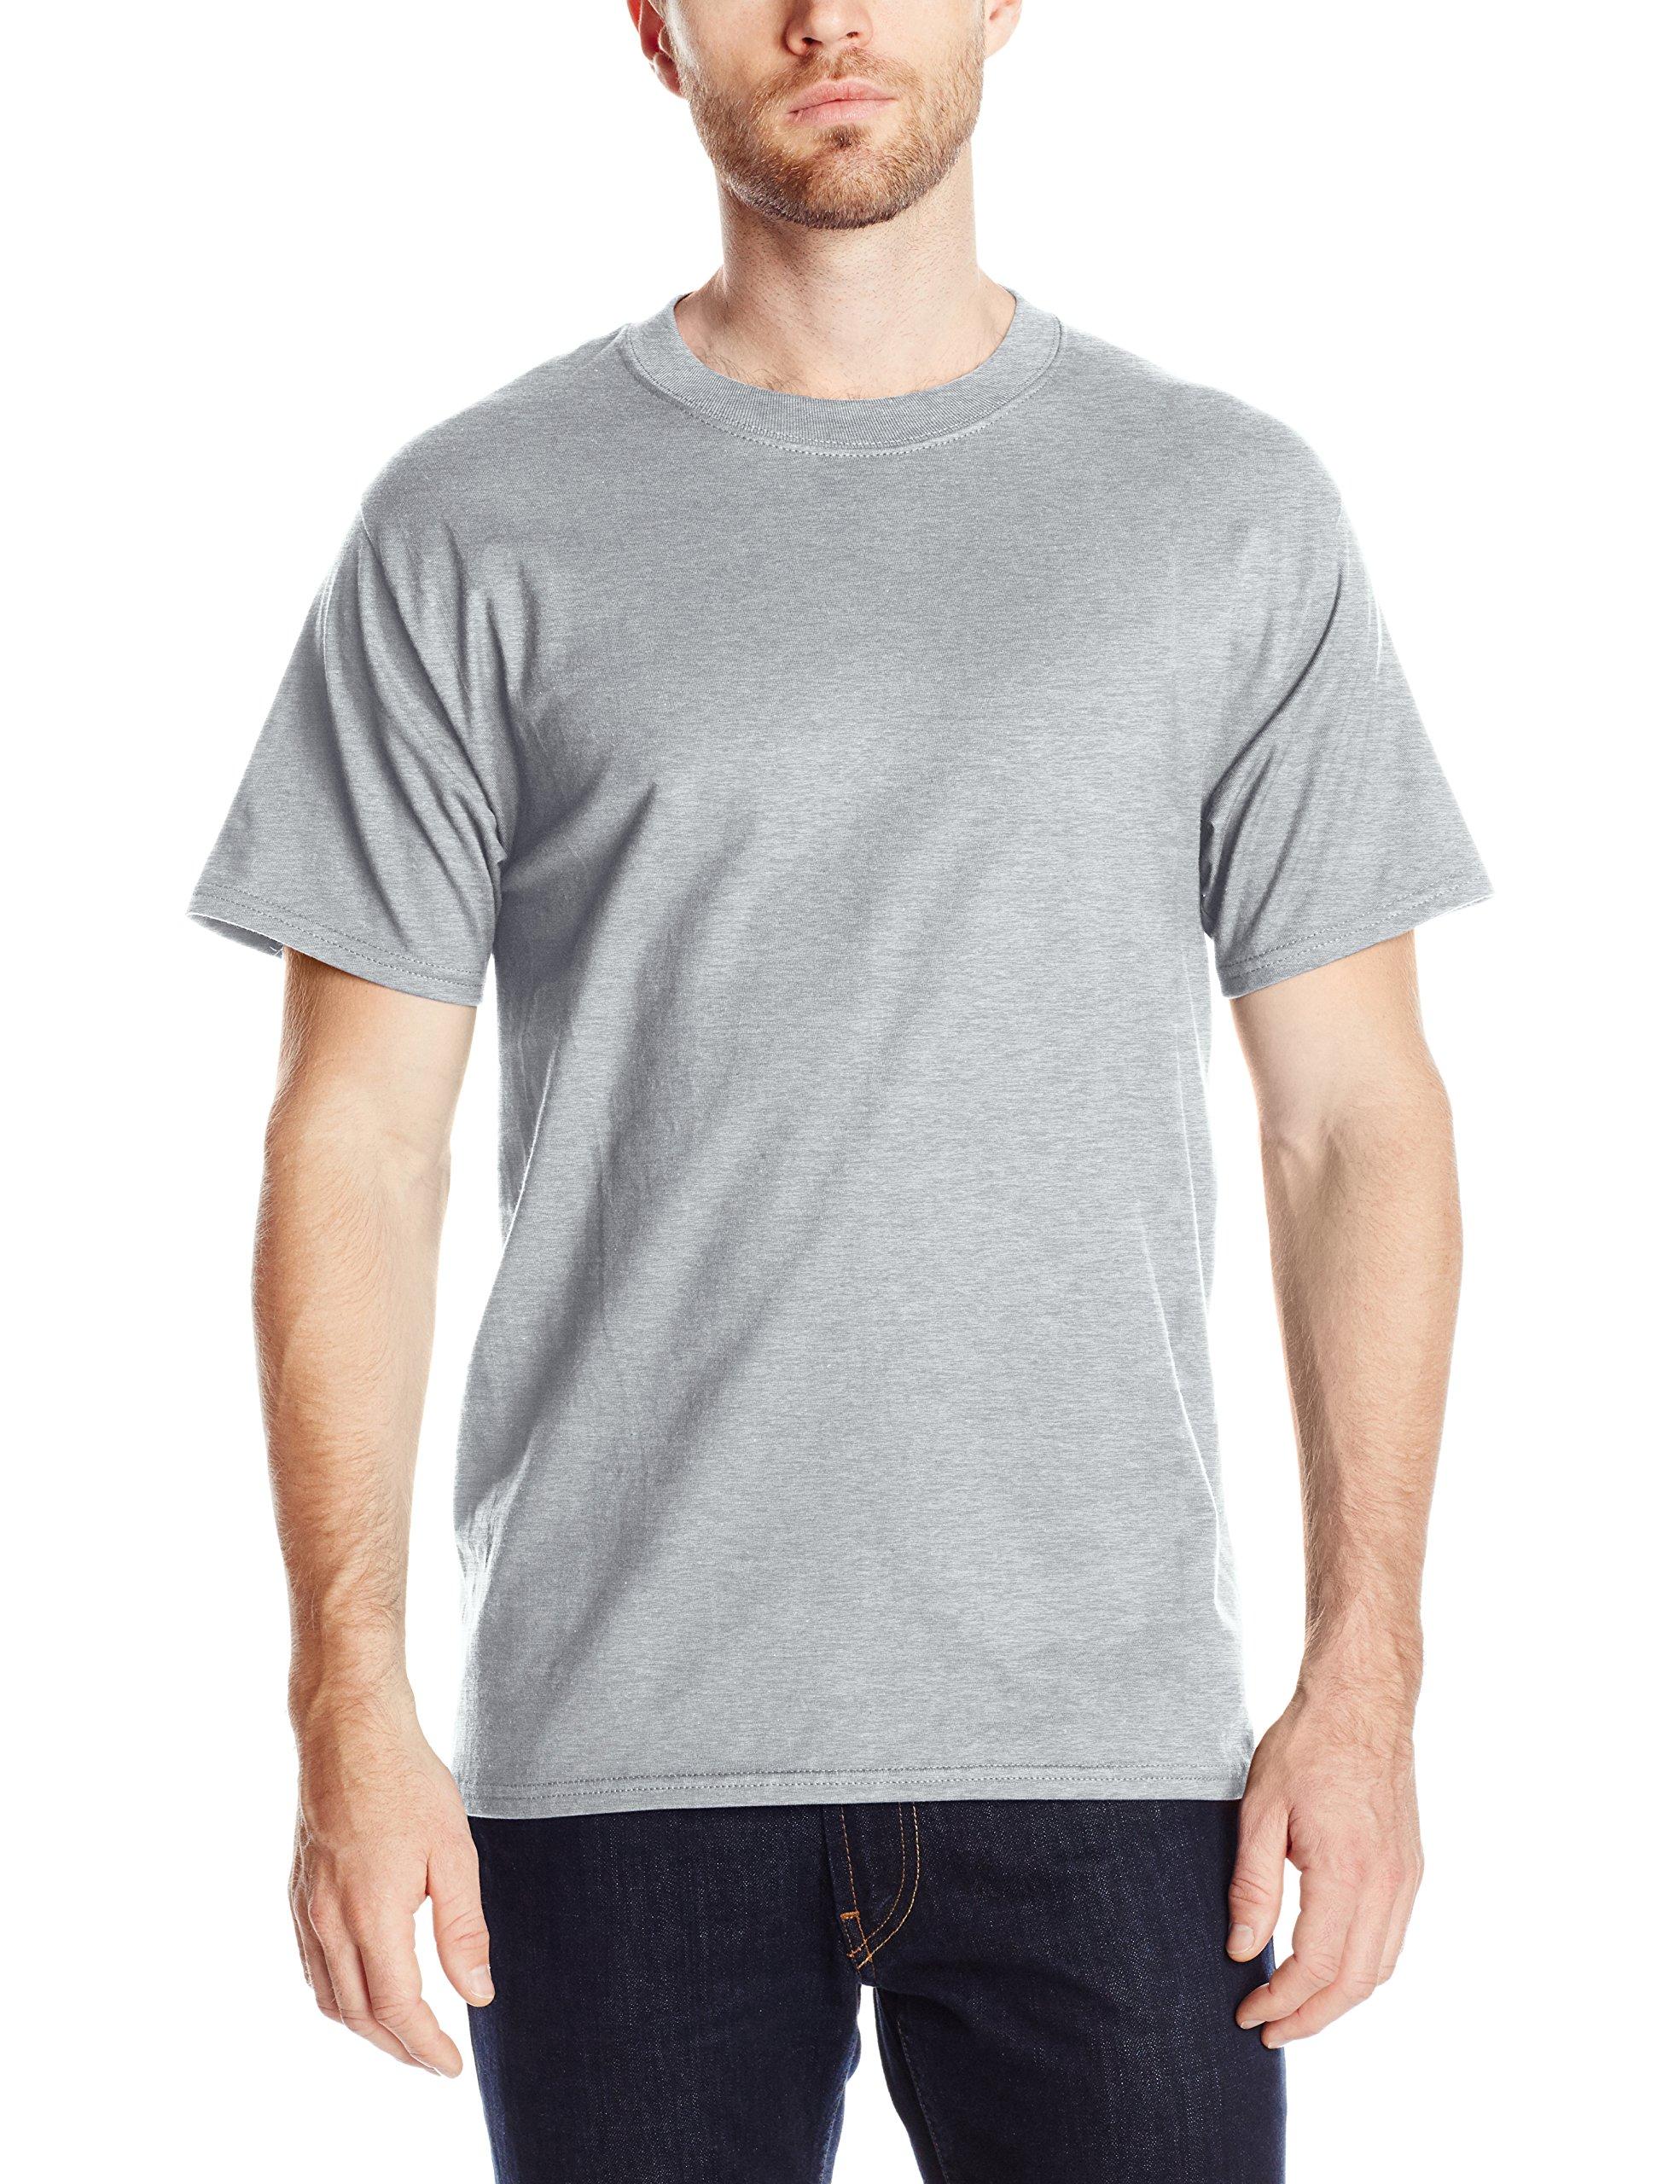 Cotton T-Shirt 5180 All Colors Unisex T Shirt S Hanes Beefy-T 6.1 oz 3XL